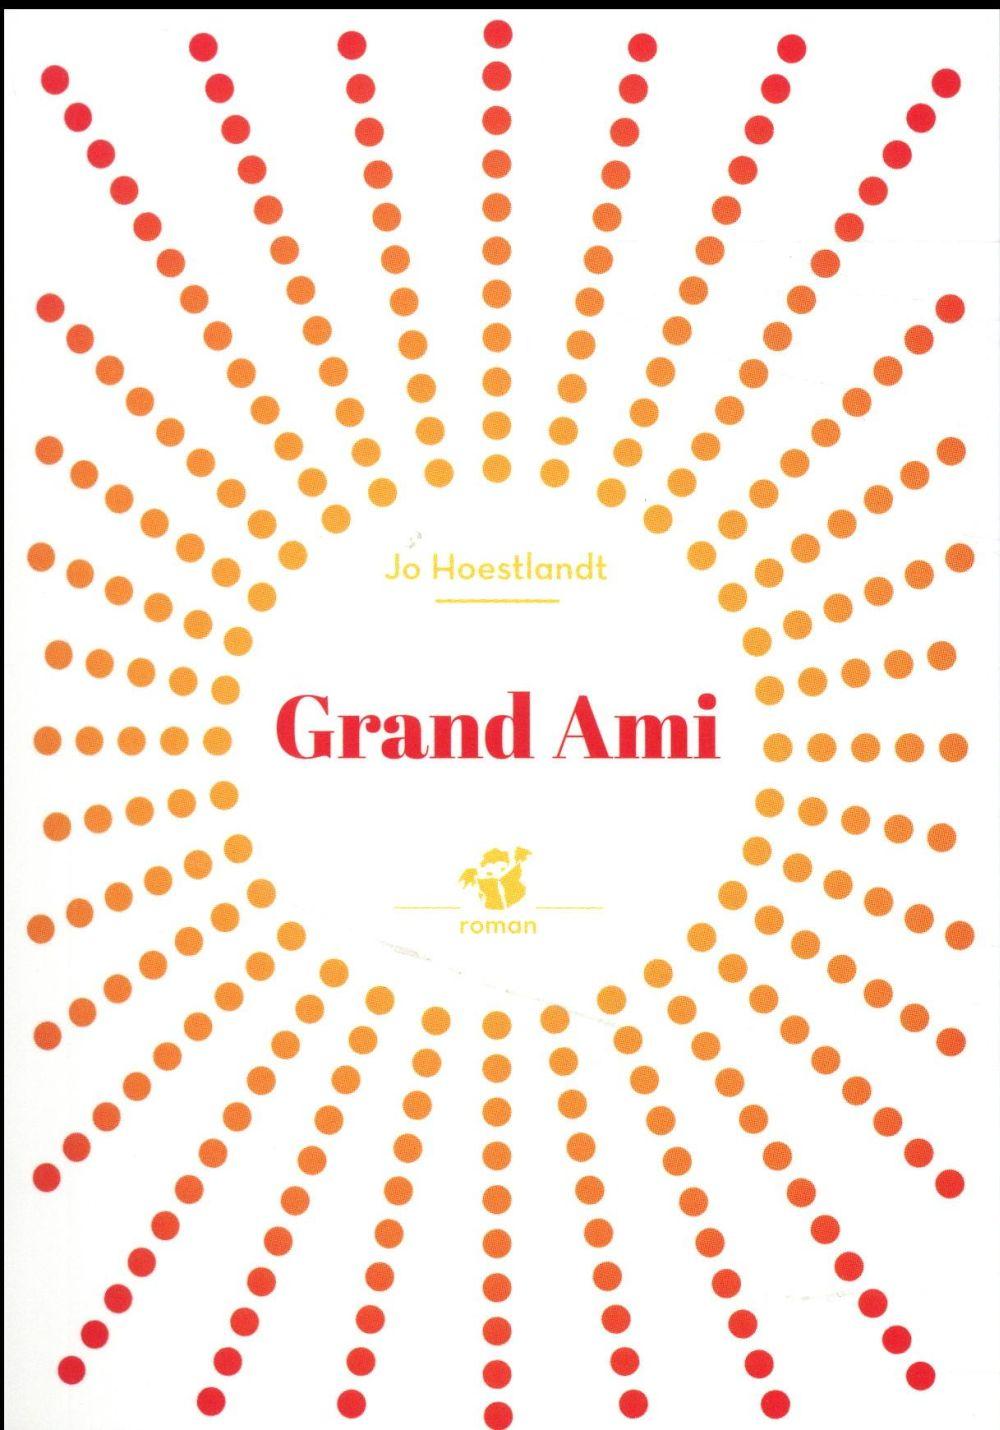 GRAND AMI